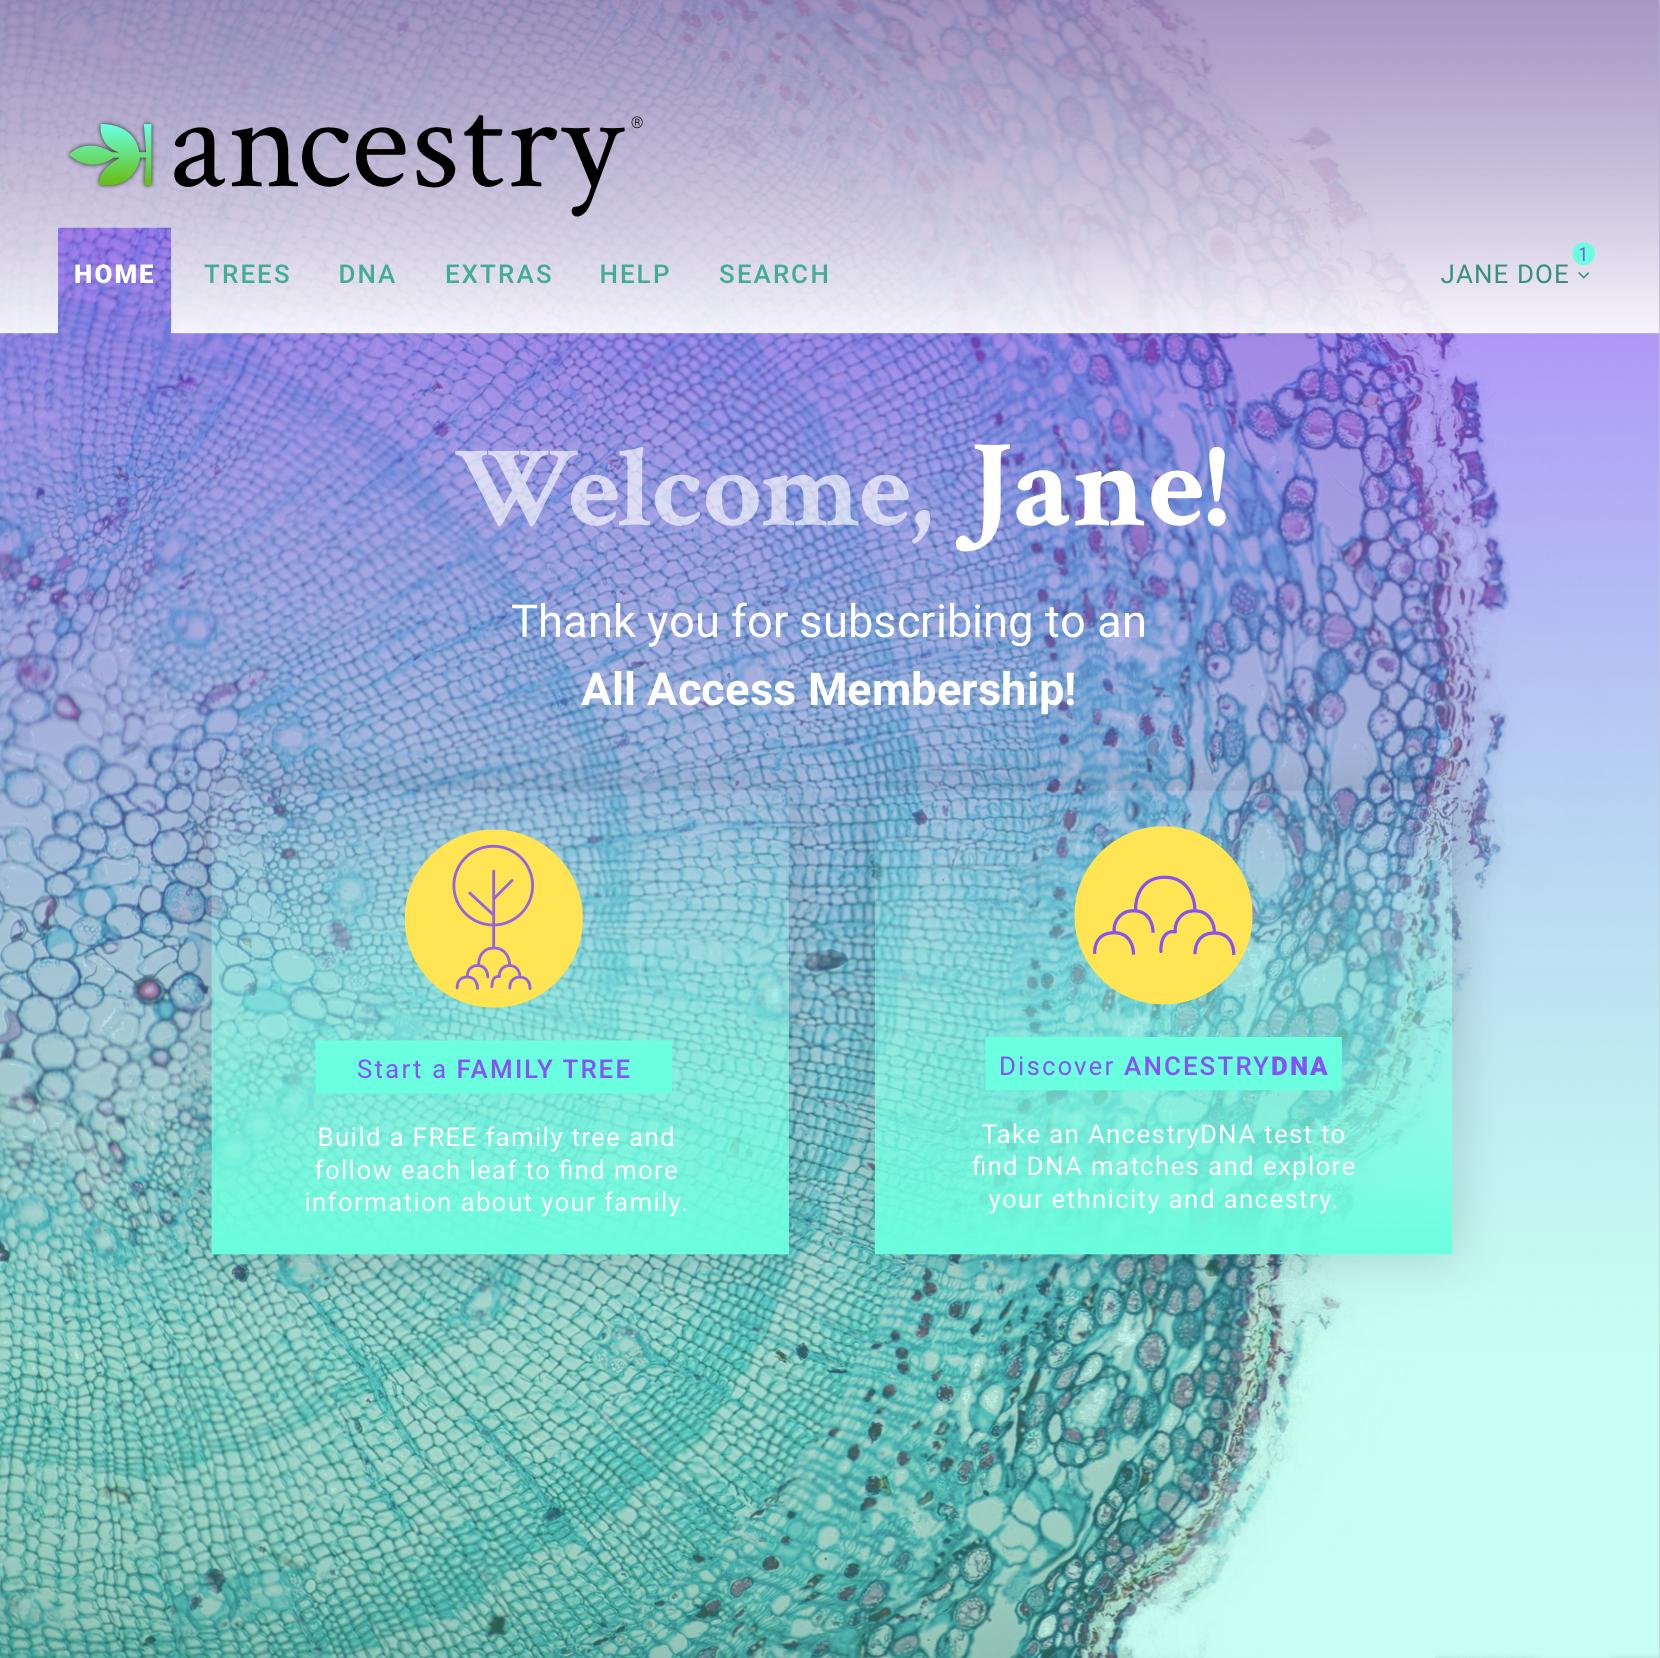 ANCESTRY.COM REDESIGN